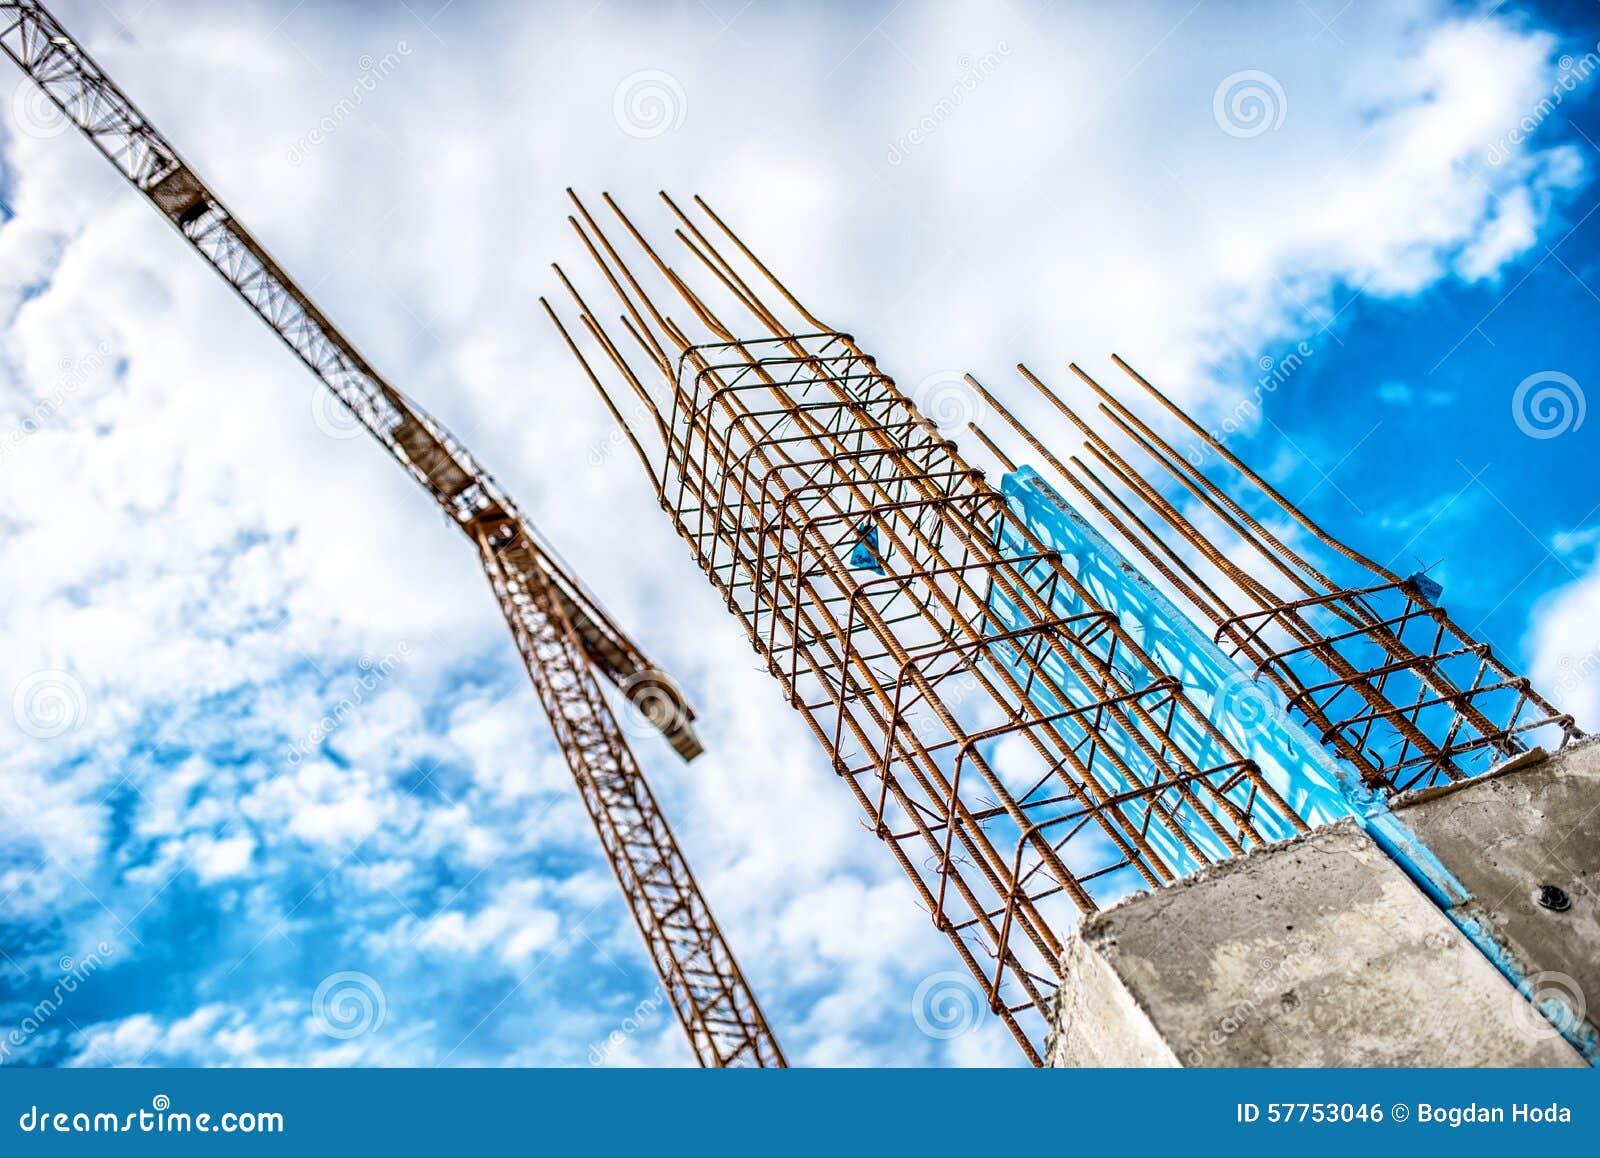 Konkrete Säulen auf Industriebaustandort Gebäude des Wolkenkratzers mit Kran, Werkzeugen und Bewehrungsstahlstangen